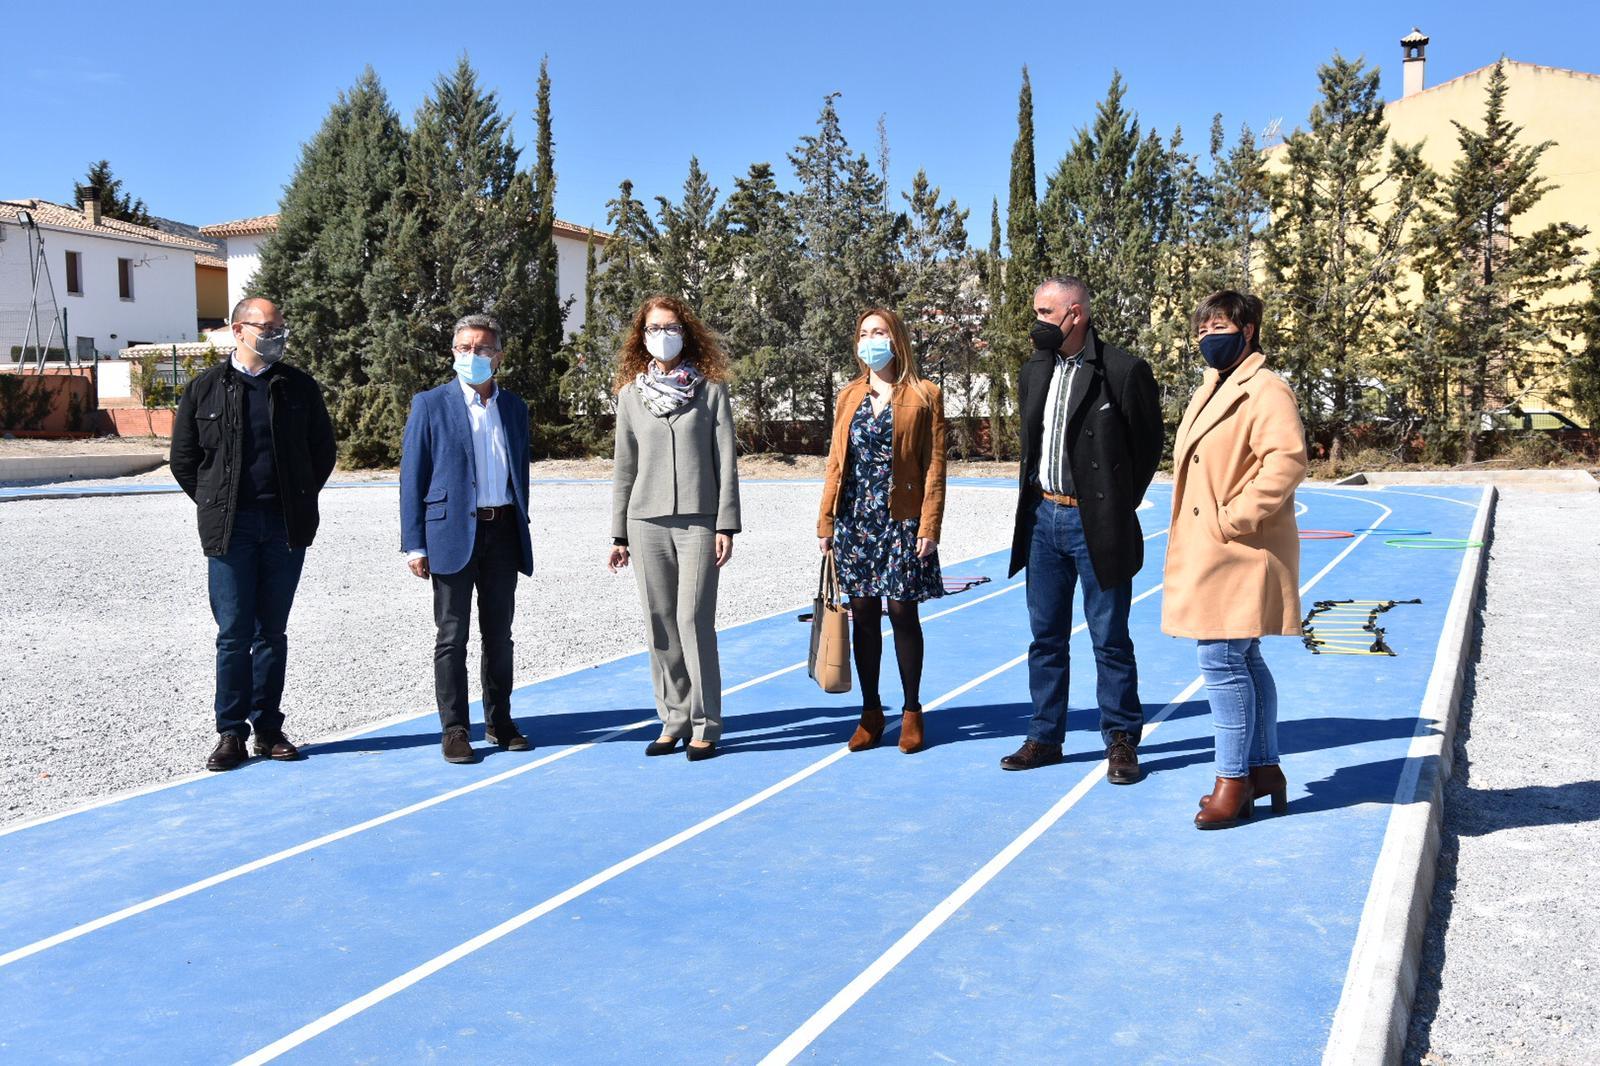 6 centros educativos de Baza se benefician de una inversión de 350.000 euros para obras de ampliación y mejora